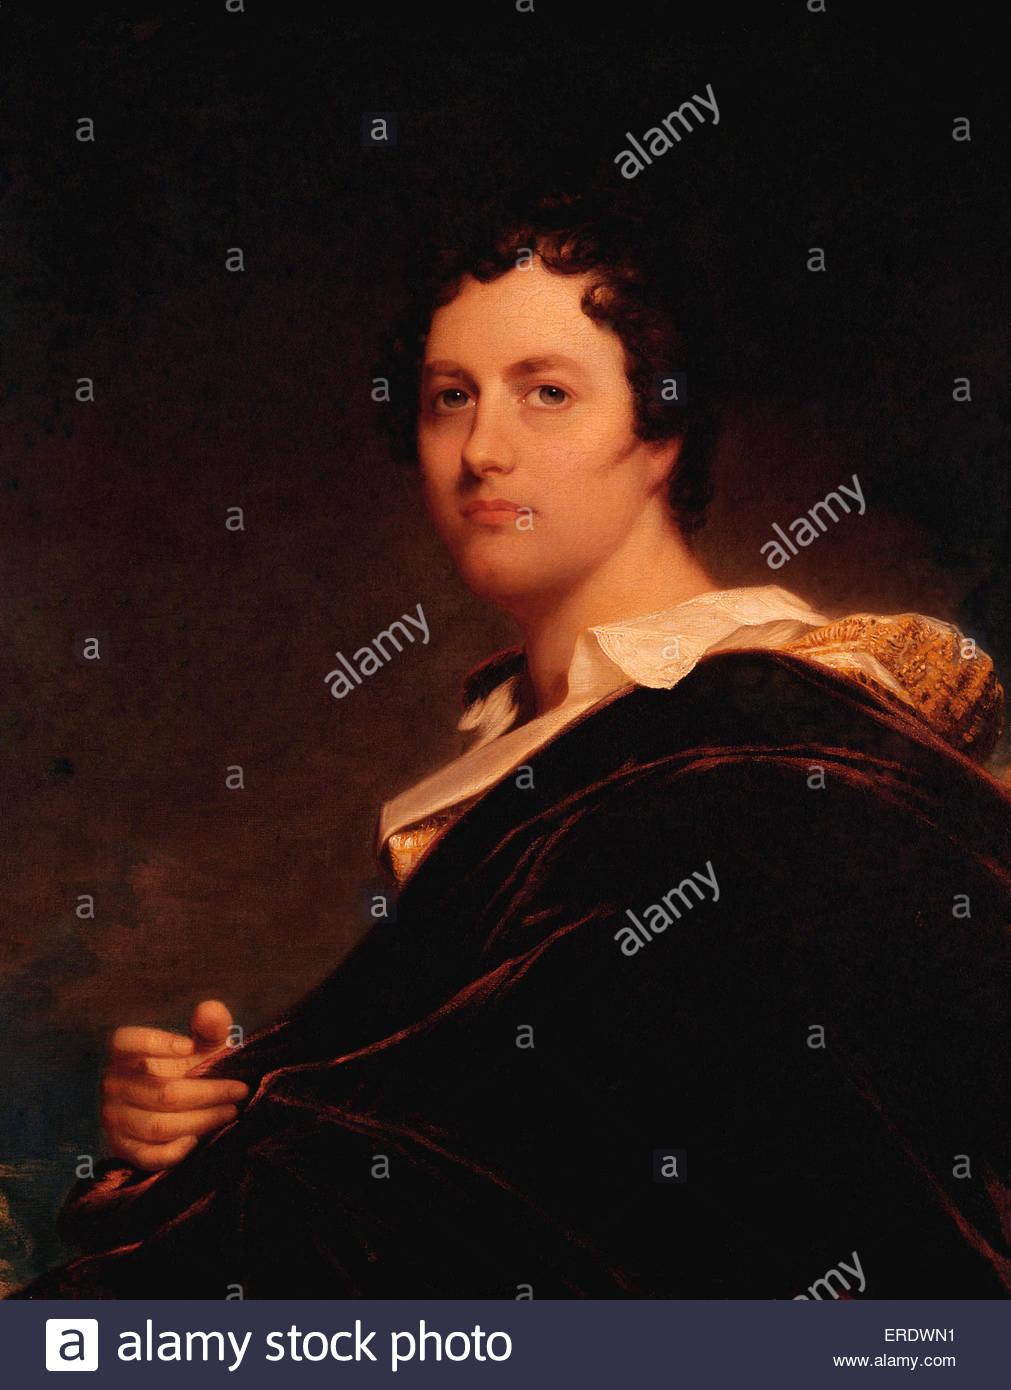 Lord Byron la pittura ad olio da W e l'Occidente. George Gordon Byron, sesto Barone Byron. Poeta inglese 22 Immagini Stock